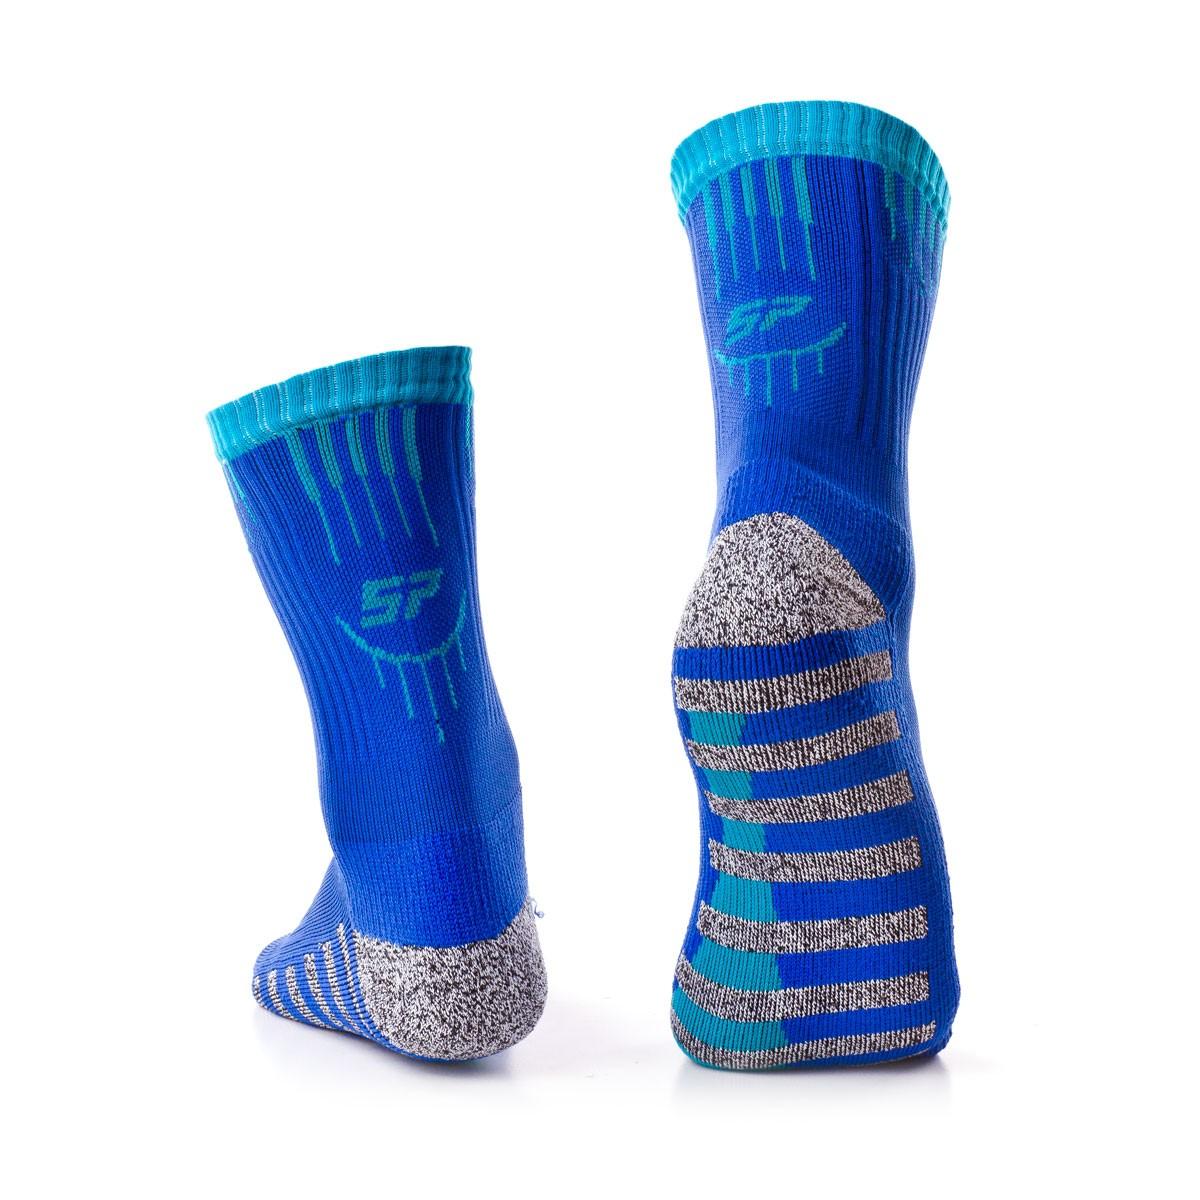 Calcetines SP Grip Azul - Soloporteros es ahora Fútbol Emotion 0975bc45dac8f